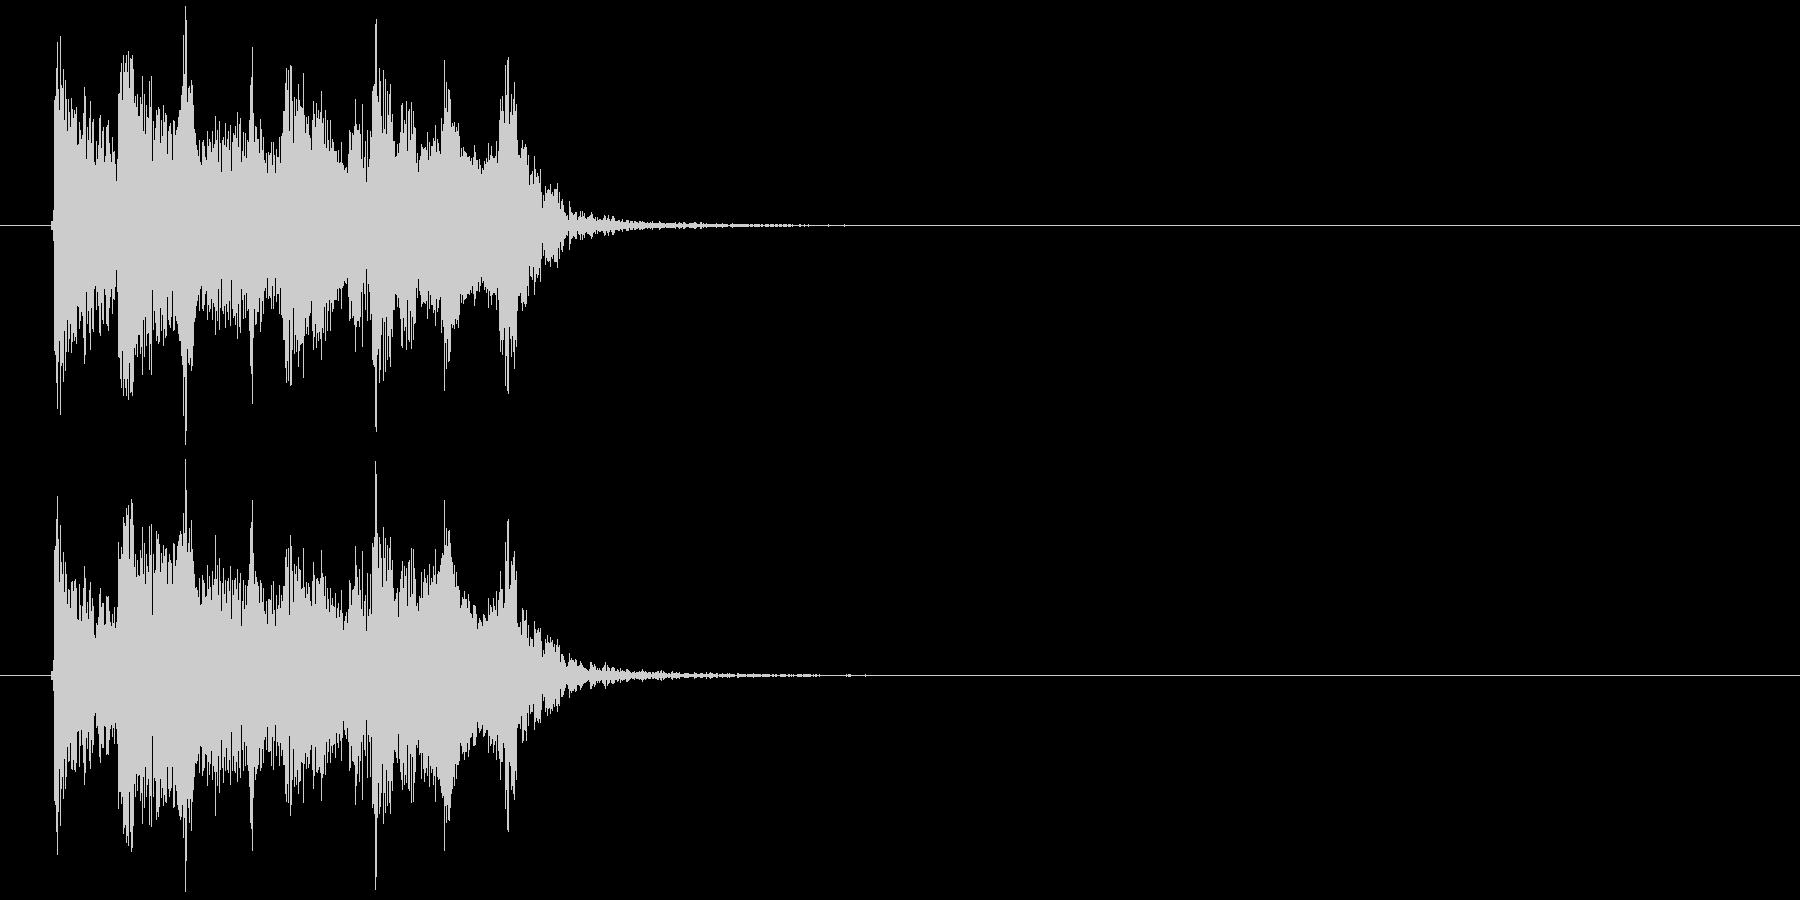 不思議でリズミカルなピアノシンセジングルの未再生の波形